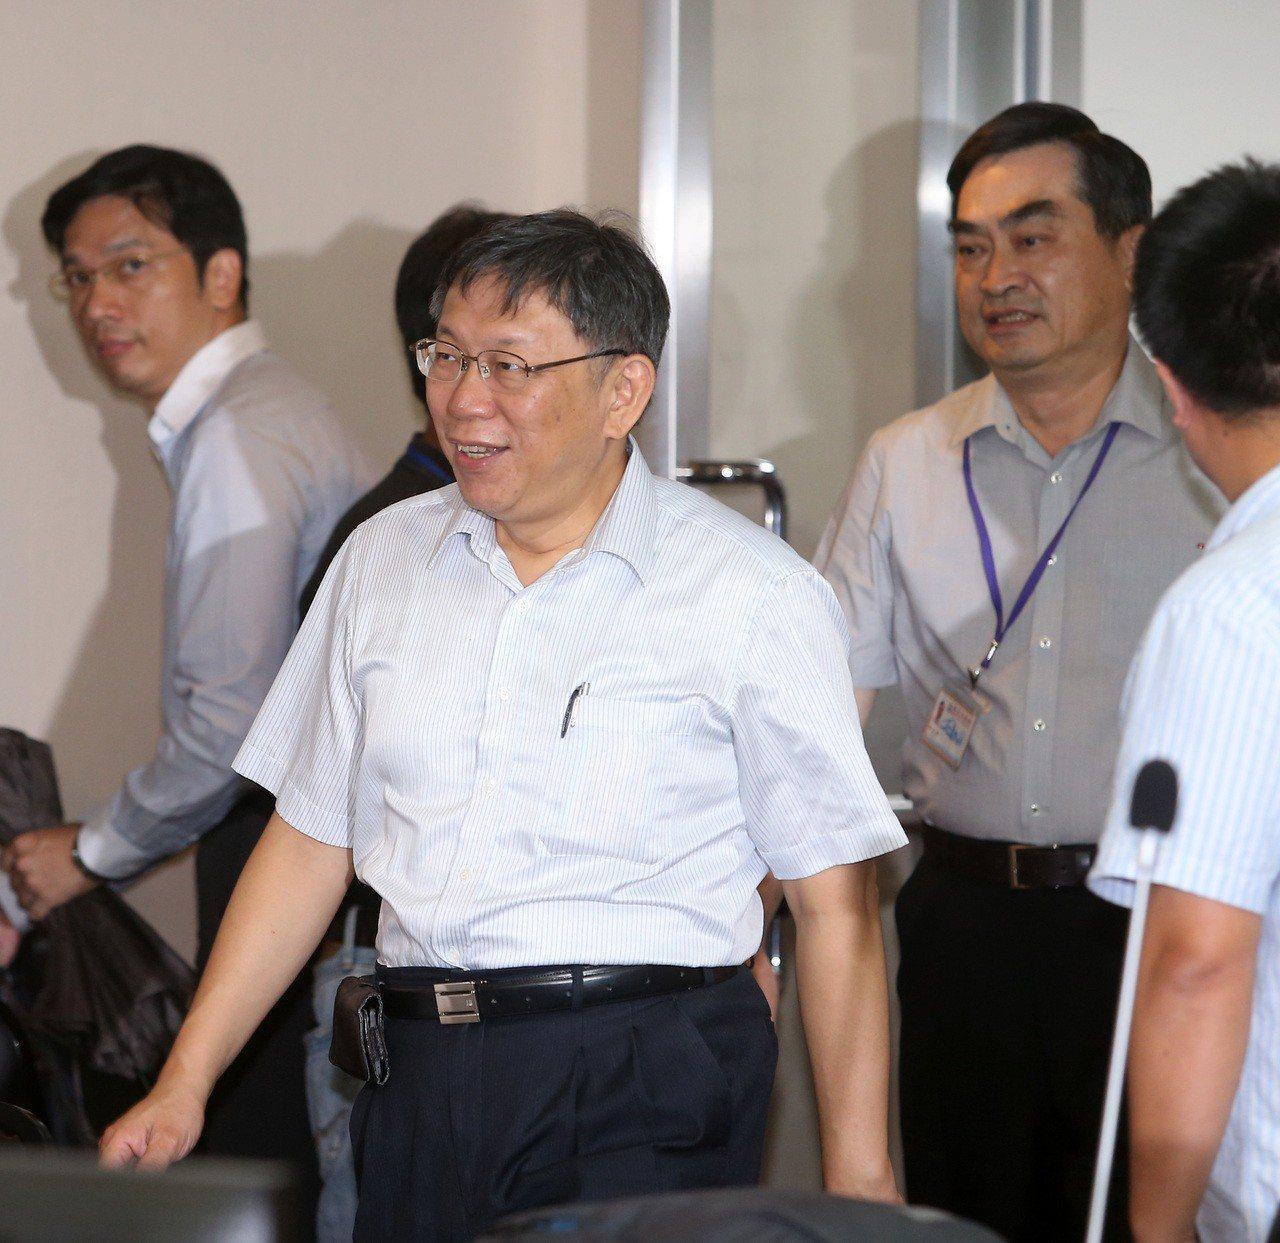 台北市長柯文哲上午到台北市議會民政委員會親民問政小組報告。記者曾吉松/攝影